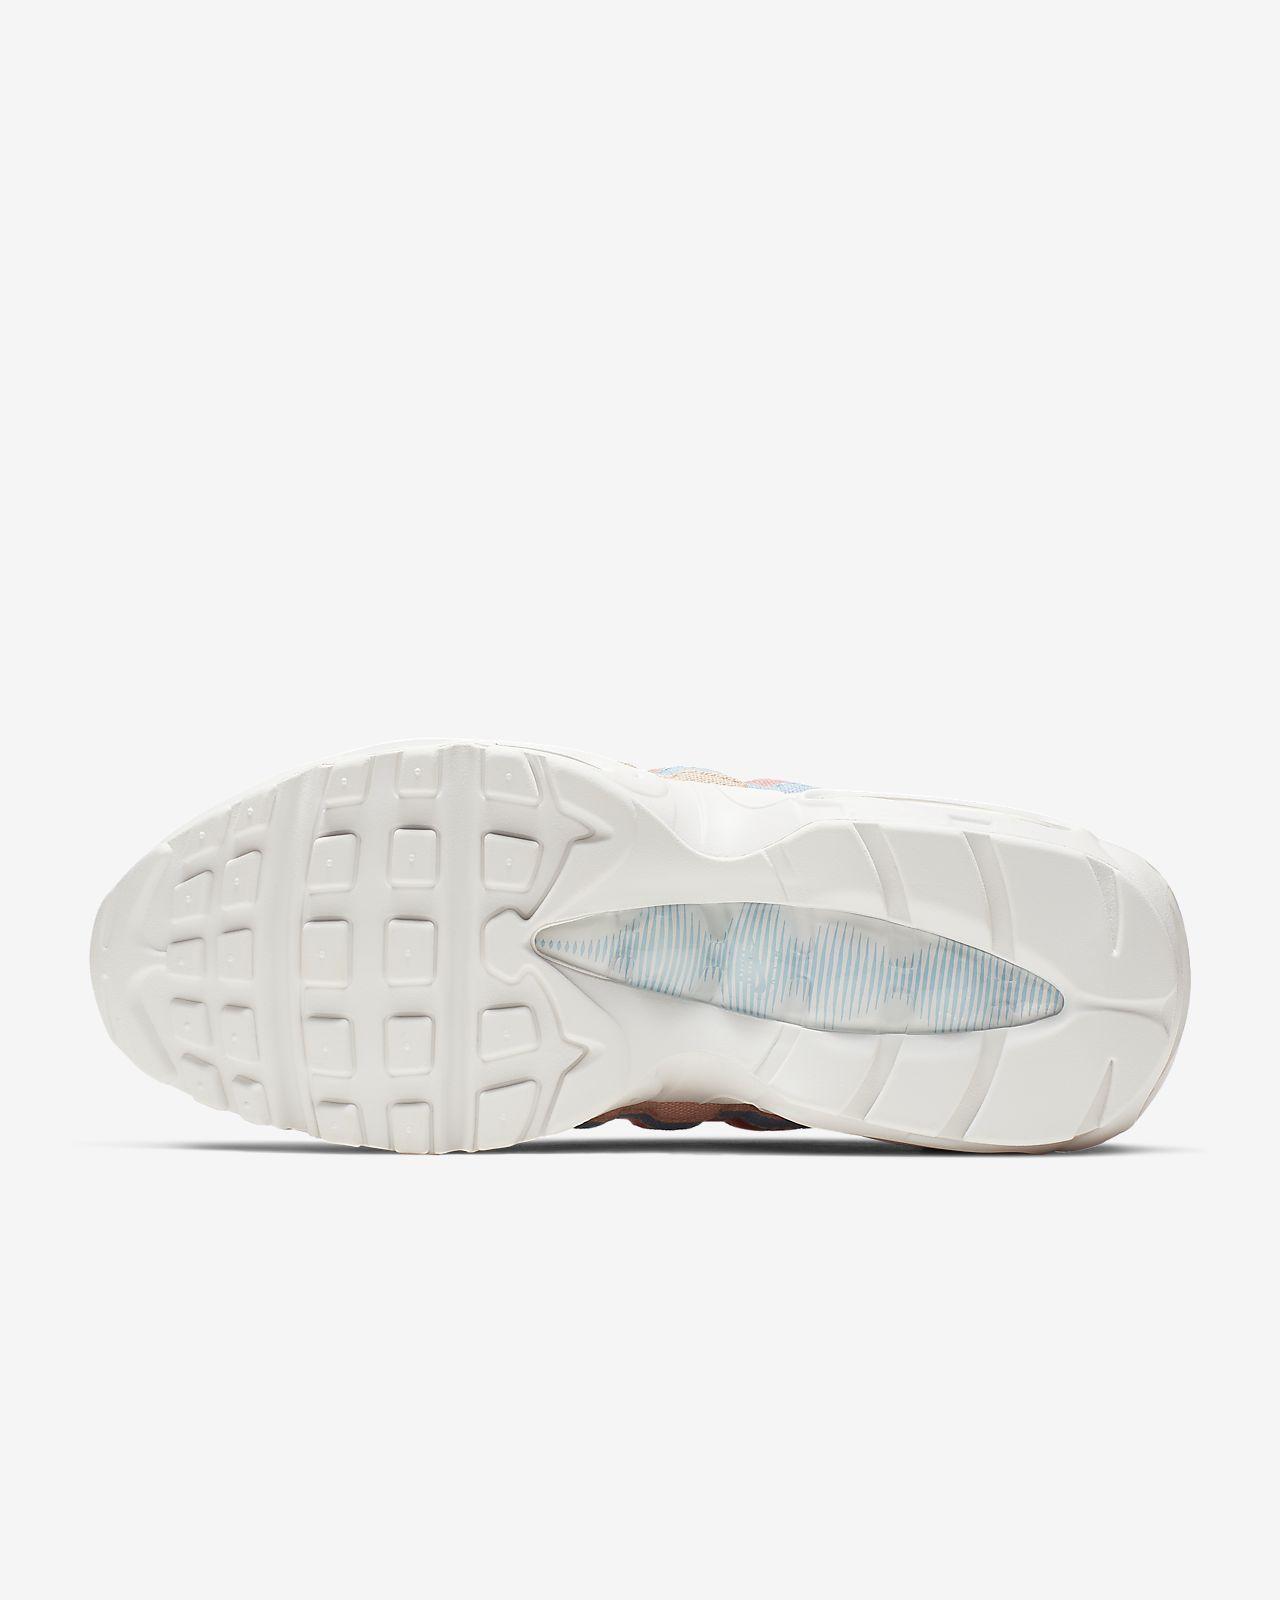 hot sale online edaed da940 ... Nike Air Max 95 QS Women s Shoe